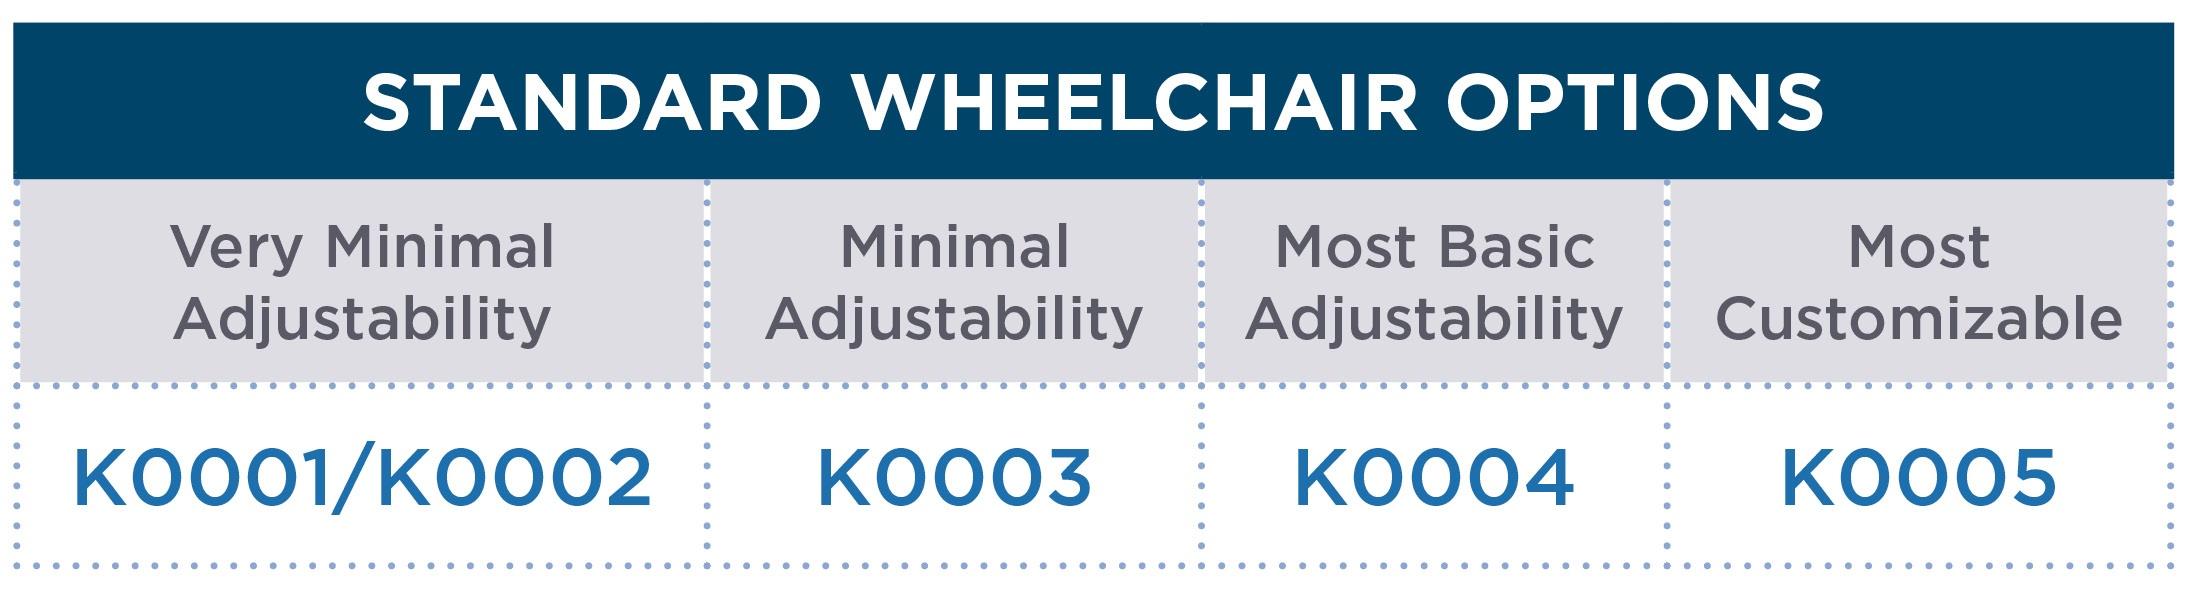 Standard Wheelchair Options Chart